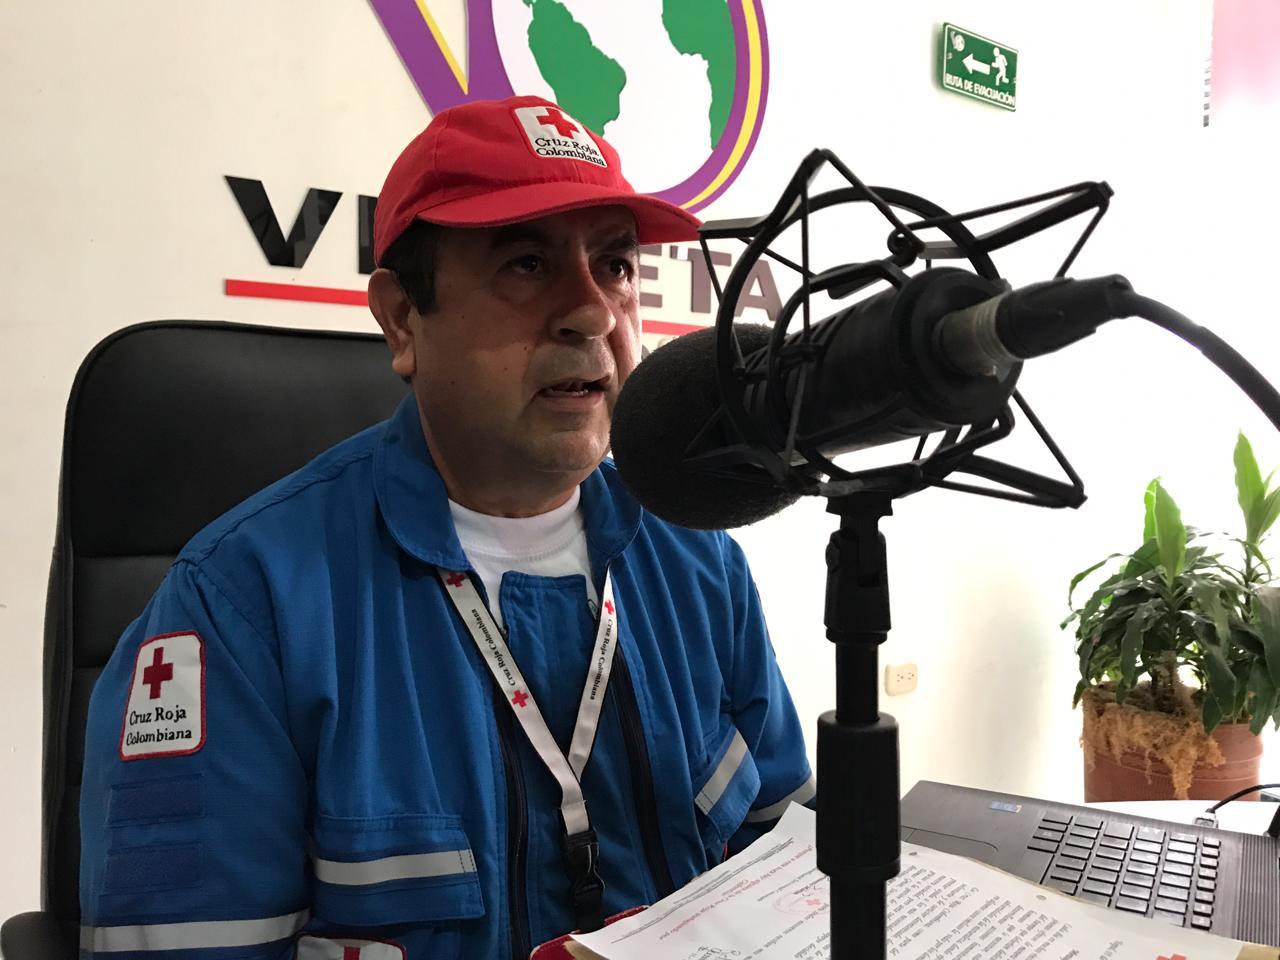 #EnAudio Director Cruz Roja envía saludo de felicitación  a voluntarios en su día